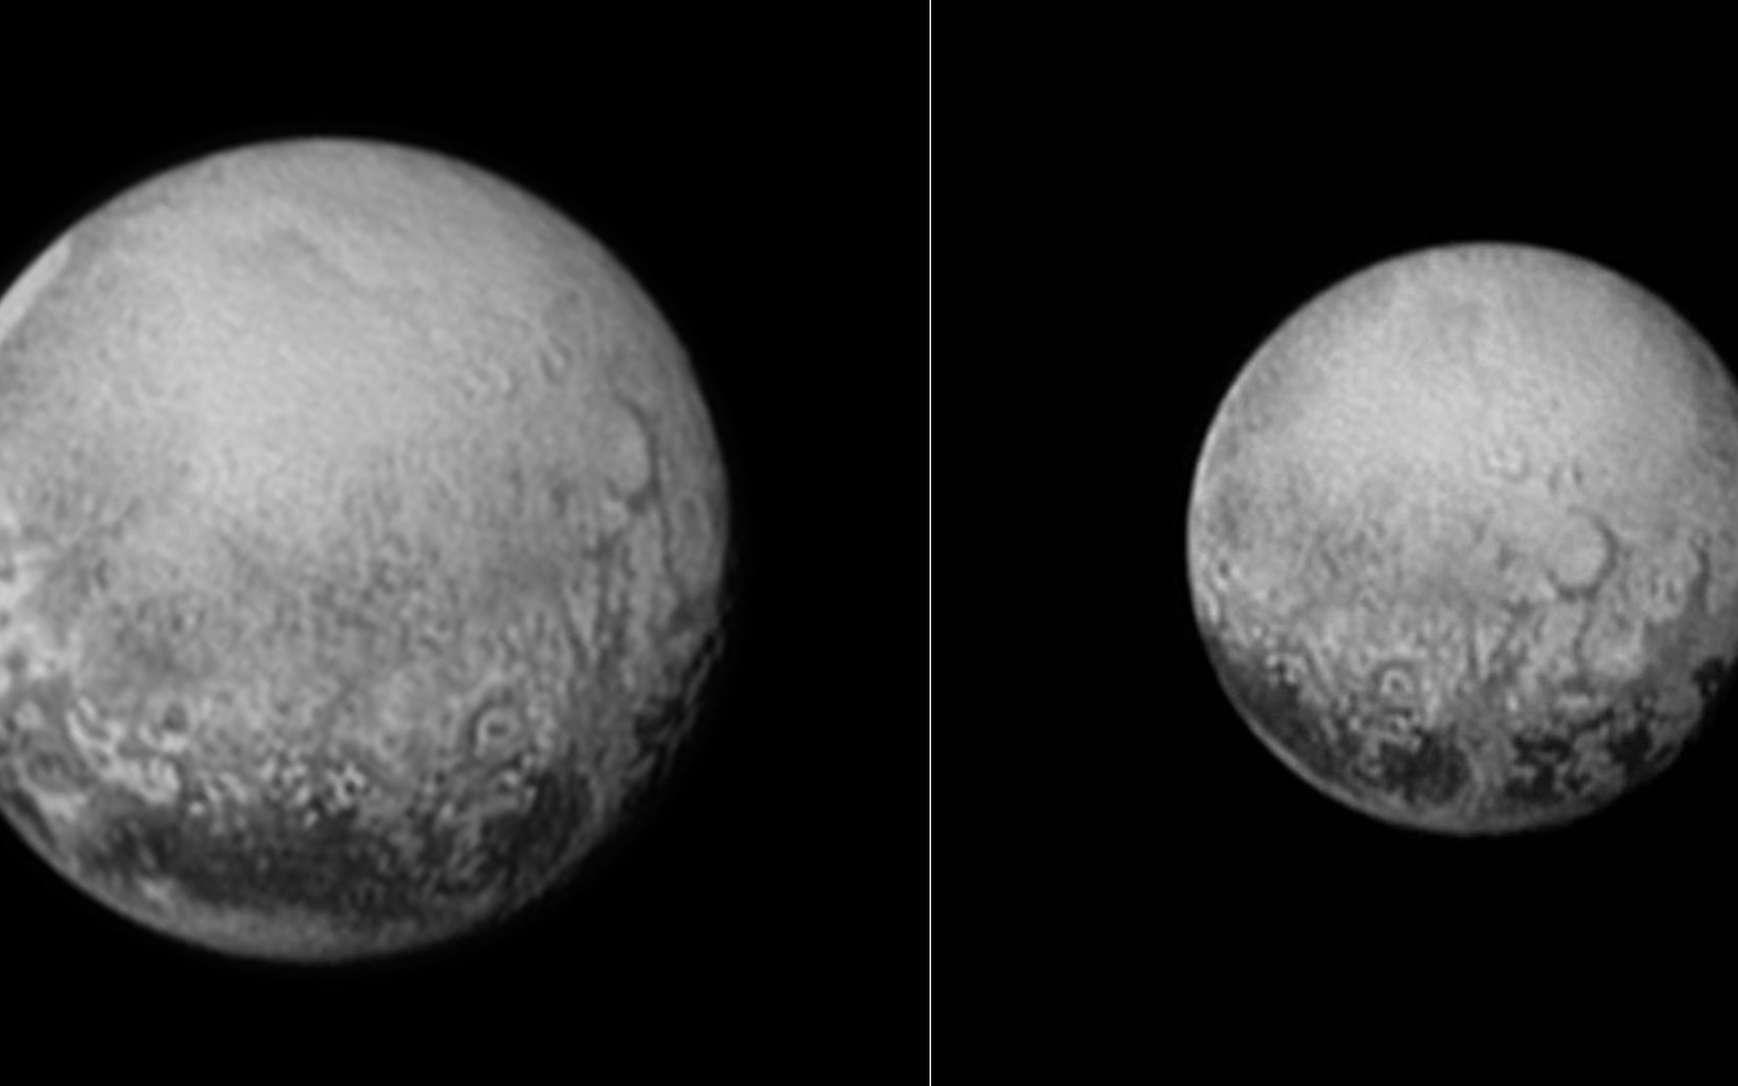 Sur ces images prises par la sonde New Horizons, les 10 (la petite image) et 11 juillet, à environ 4 millions de kilomètres pour la seconde, on découvre avec une résolution inégalée, la partie de Pluton qui fait toujours face à Charon. « C'est le dernier et meilleur regard sur cette face de Pluton que l'on puisse avoir pour les décennies à venir » a déclaré Alan Stern qui dirige cette mission. On distingue plusieurs taches sombres régulières en bas du globe, le long de l'équateur et aussi des structures circulaires et parfois polygonales, des régions complexes, d'aspect grumeleux, et de nature encore inconnue, environnent la bande équatoriale. © Nasa, Johns Hopkins University Applied Physics Laboratory, Southwest Research Institute